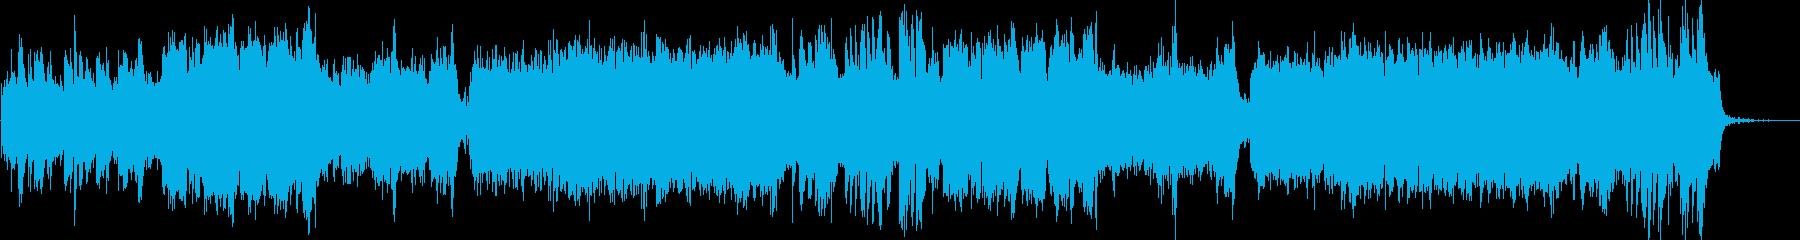 幻想的で異国感のあるアンビエント調の曲の再生済みの波形